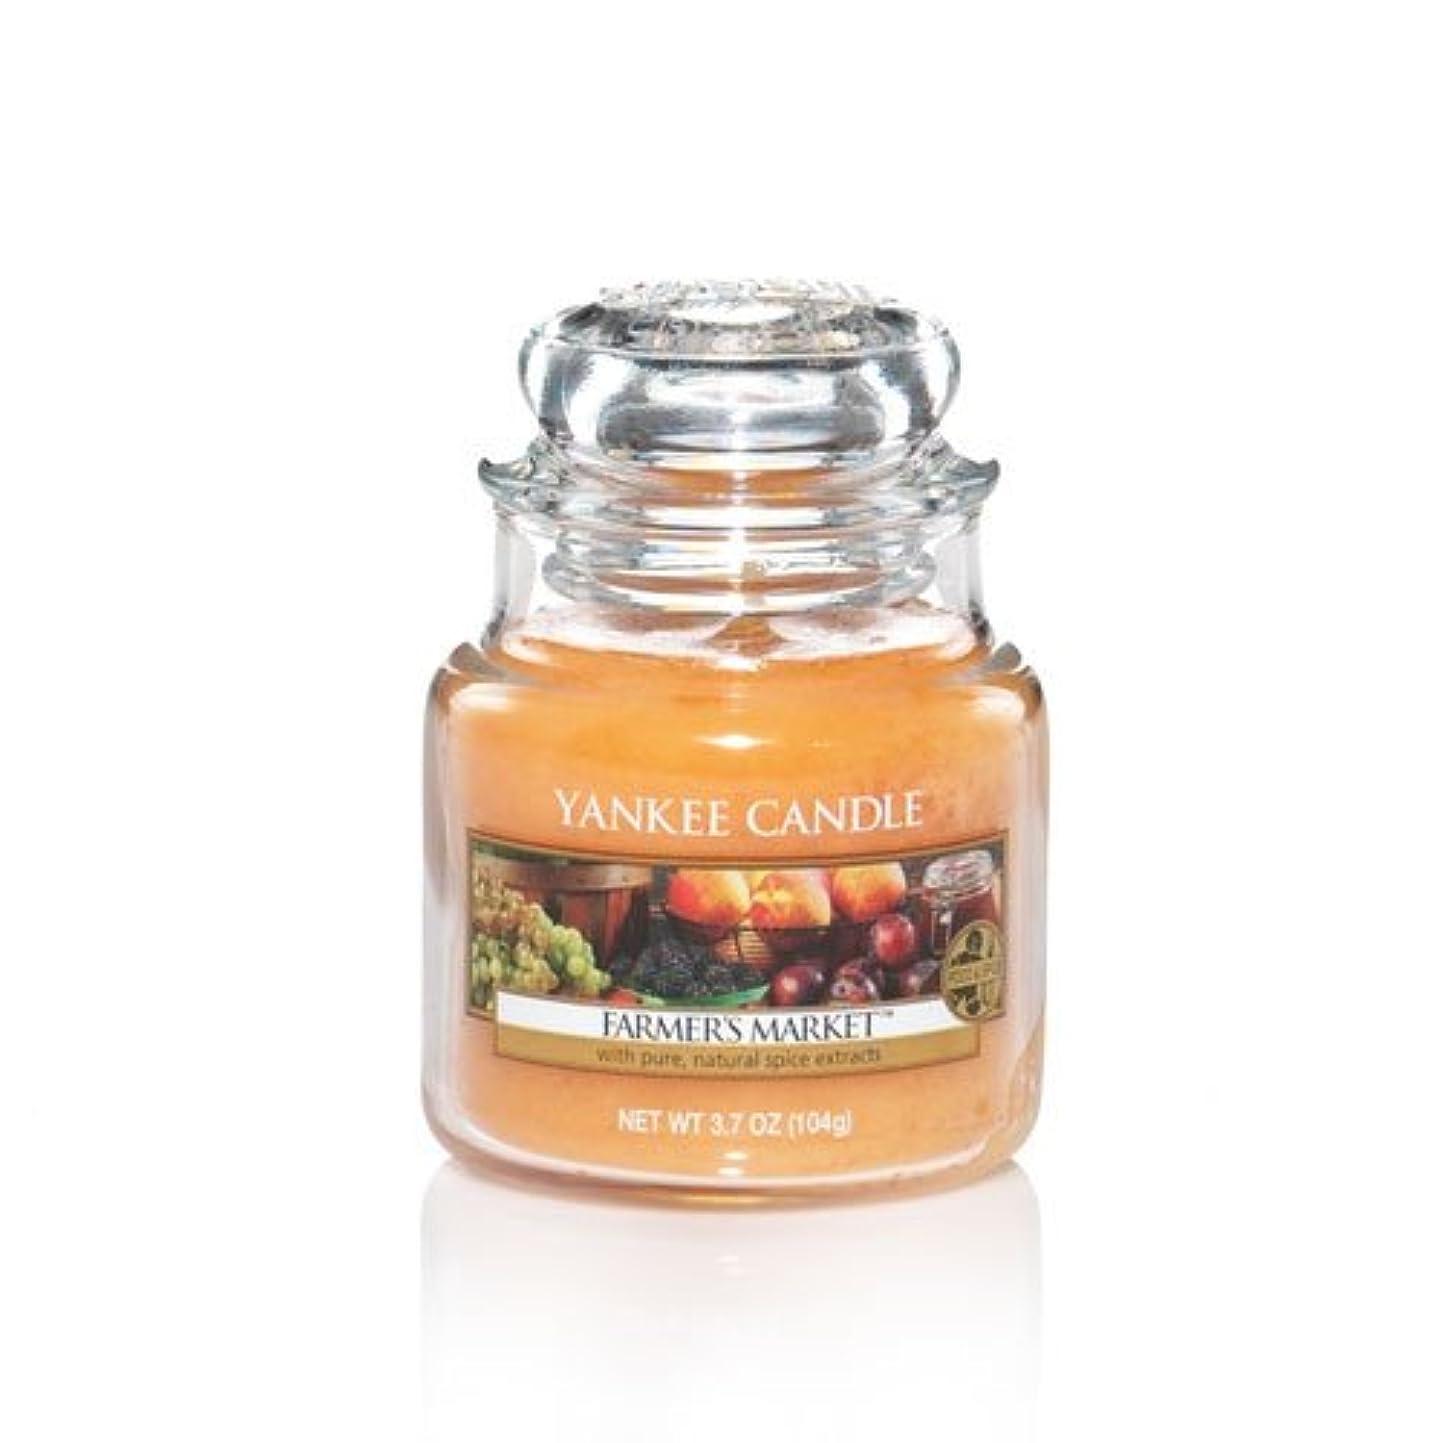 ゆりかご抗議即席Yankee Candle Farmer 's Market Small Jar Candle, Food & Spice香り